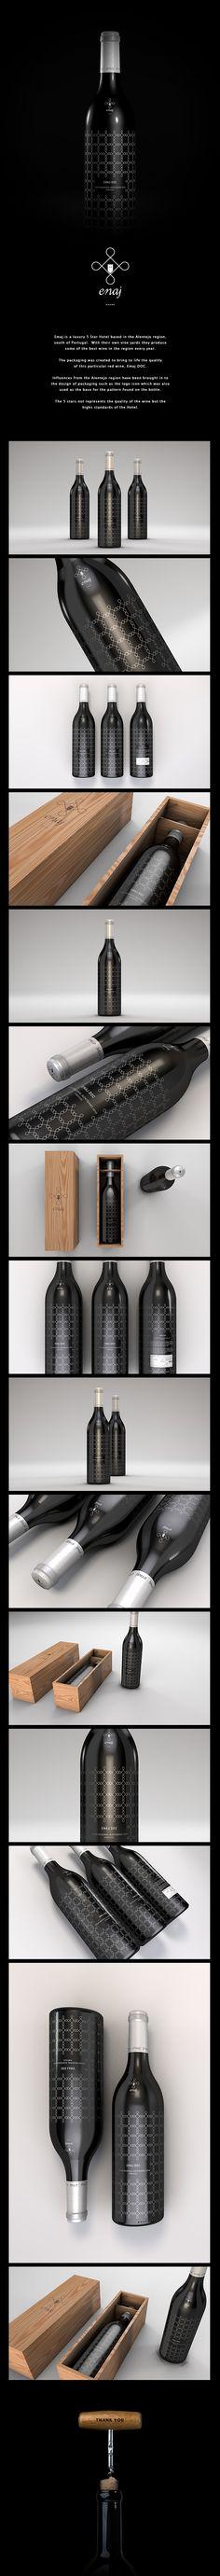 EMAJ Wine Packaging on Behance